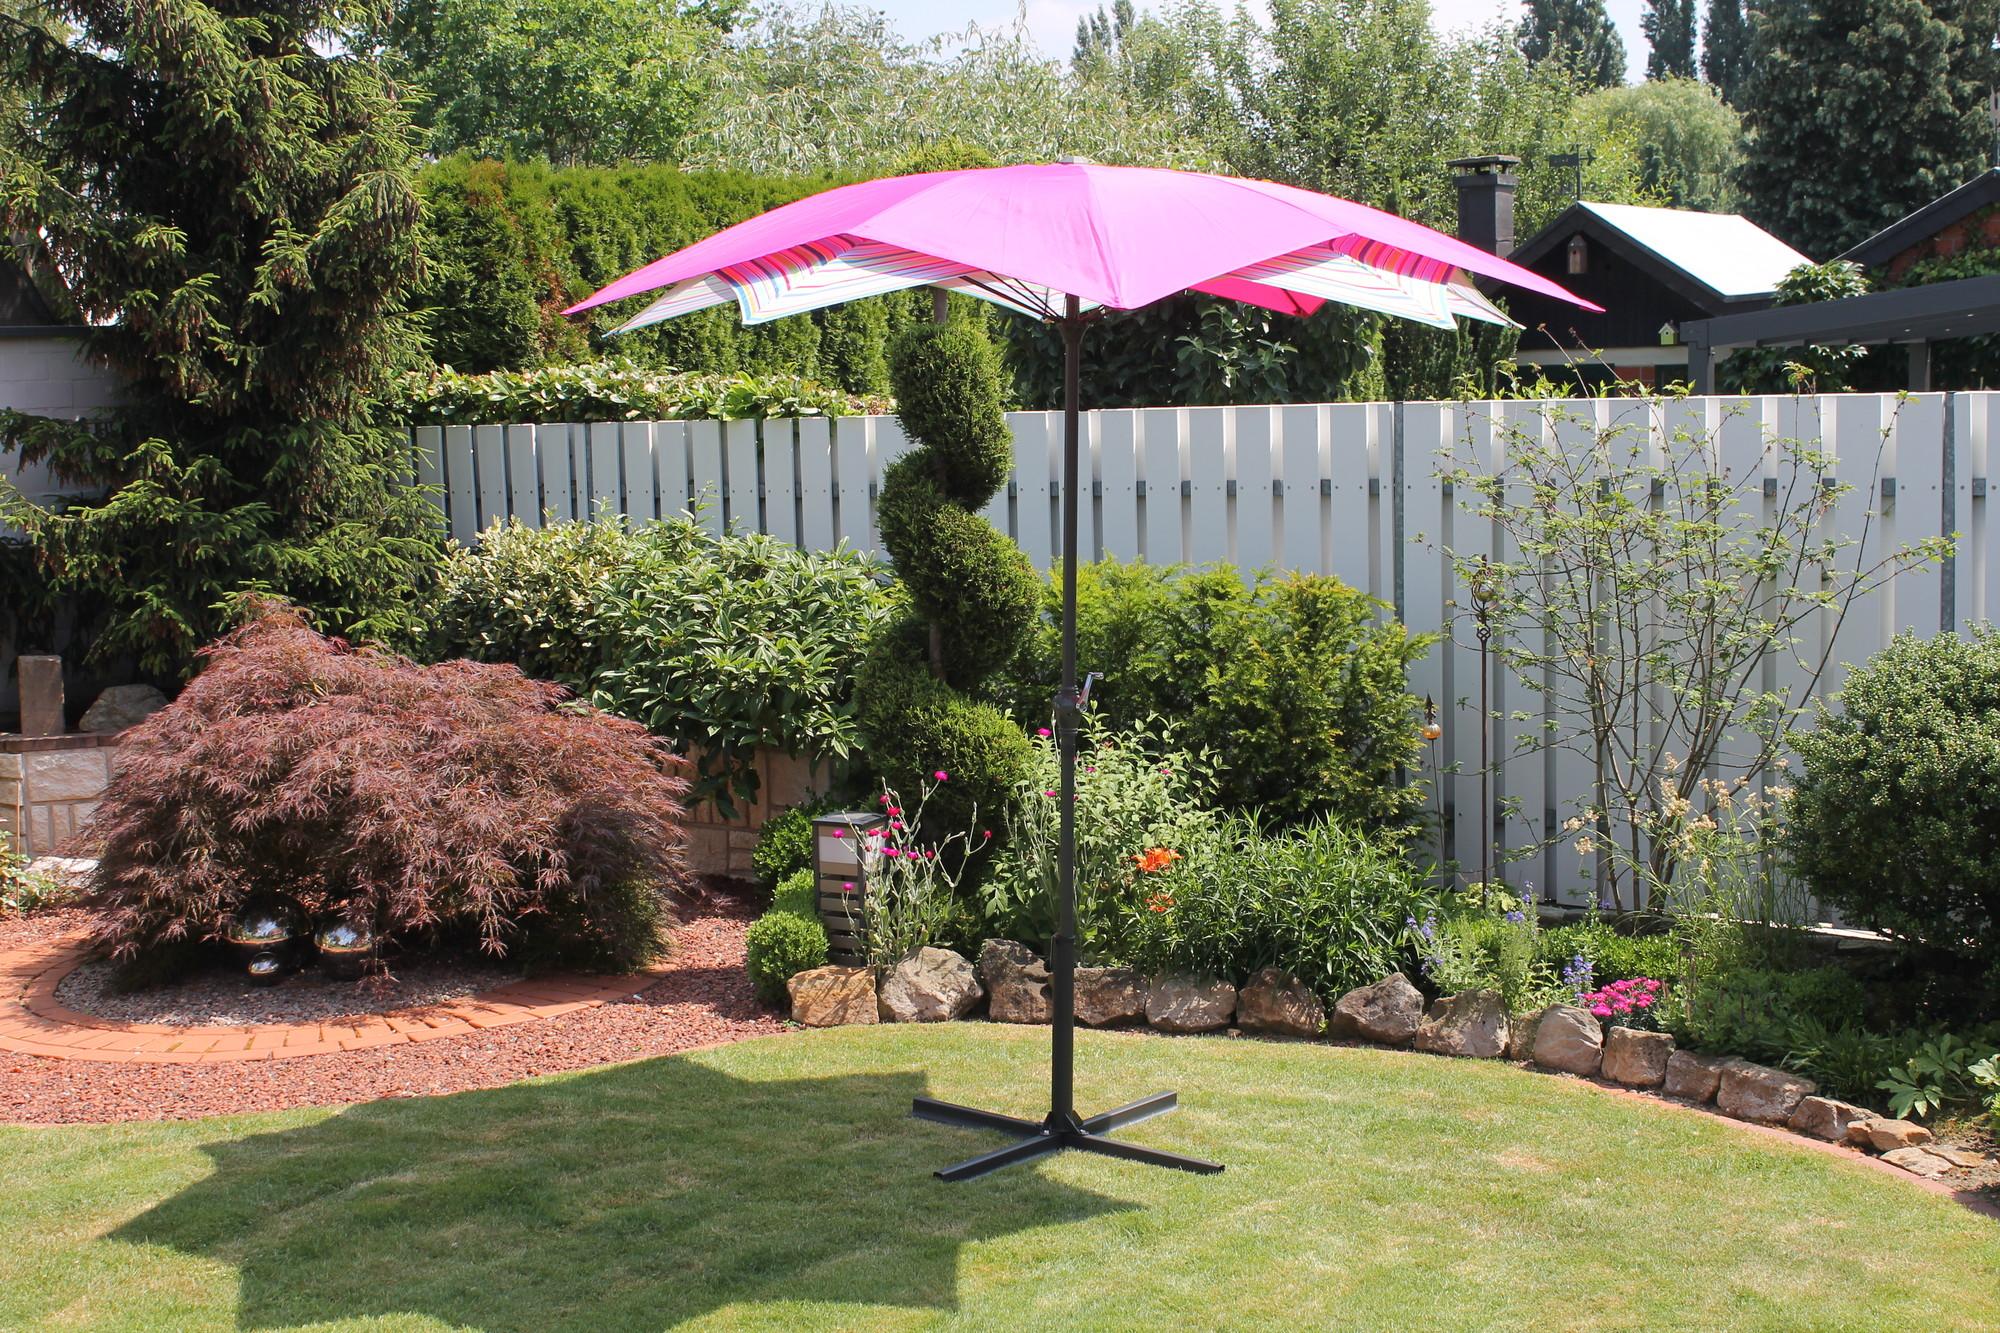 Van Wohi Leco Bloem Parasol roze gestreept (doorsnede 270 cm) (20700 513) Prijsvergelijk nu!